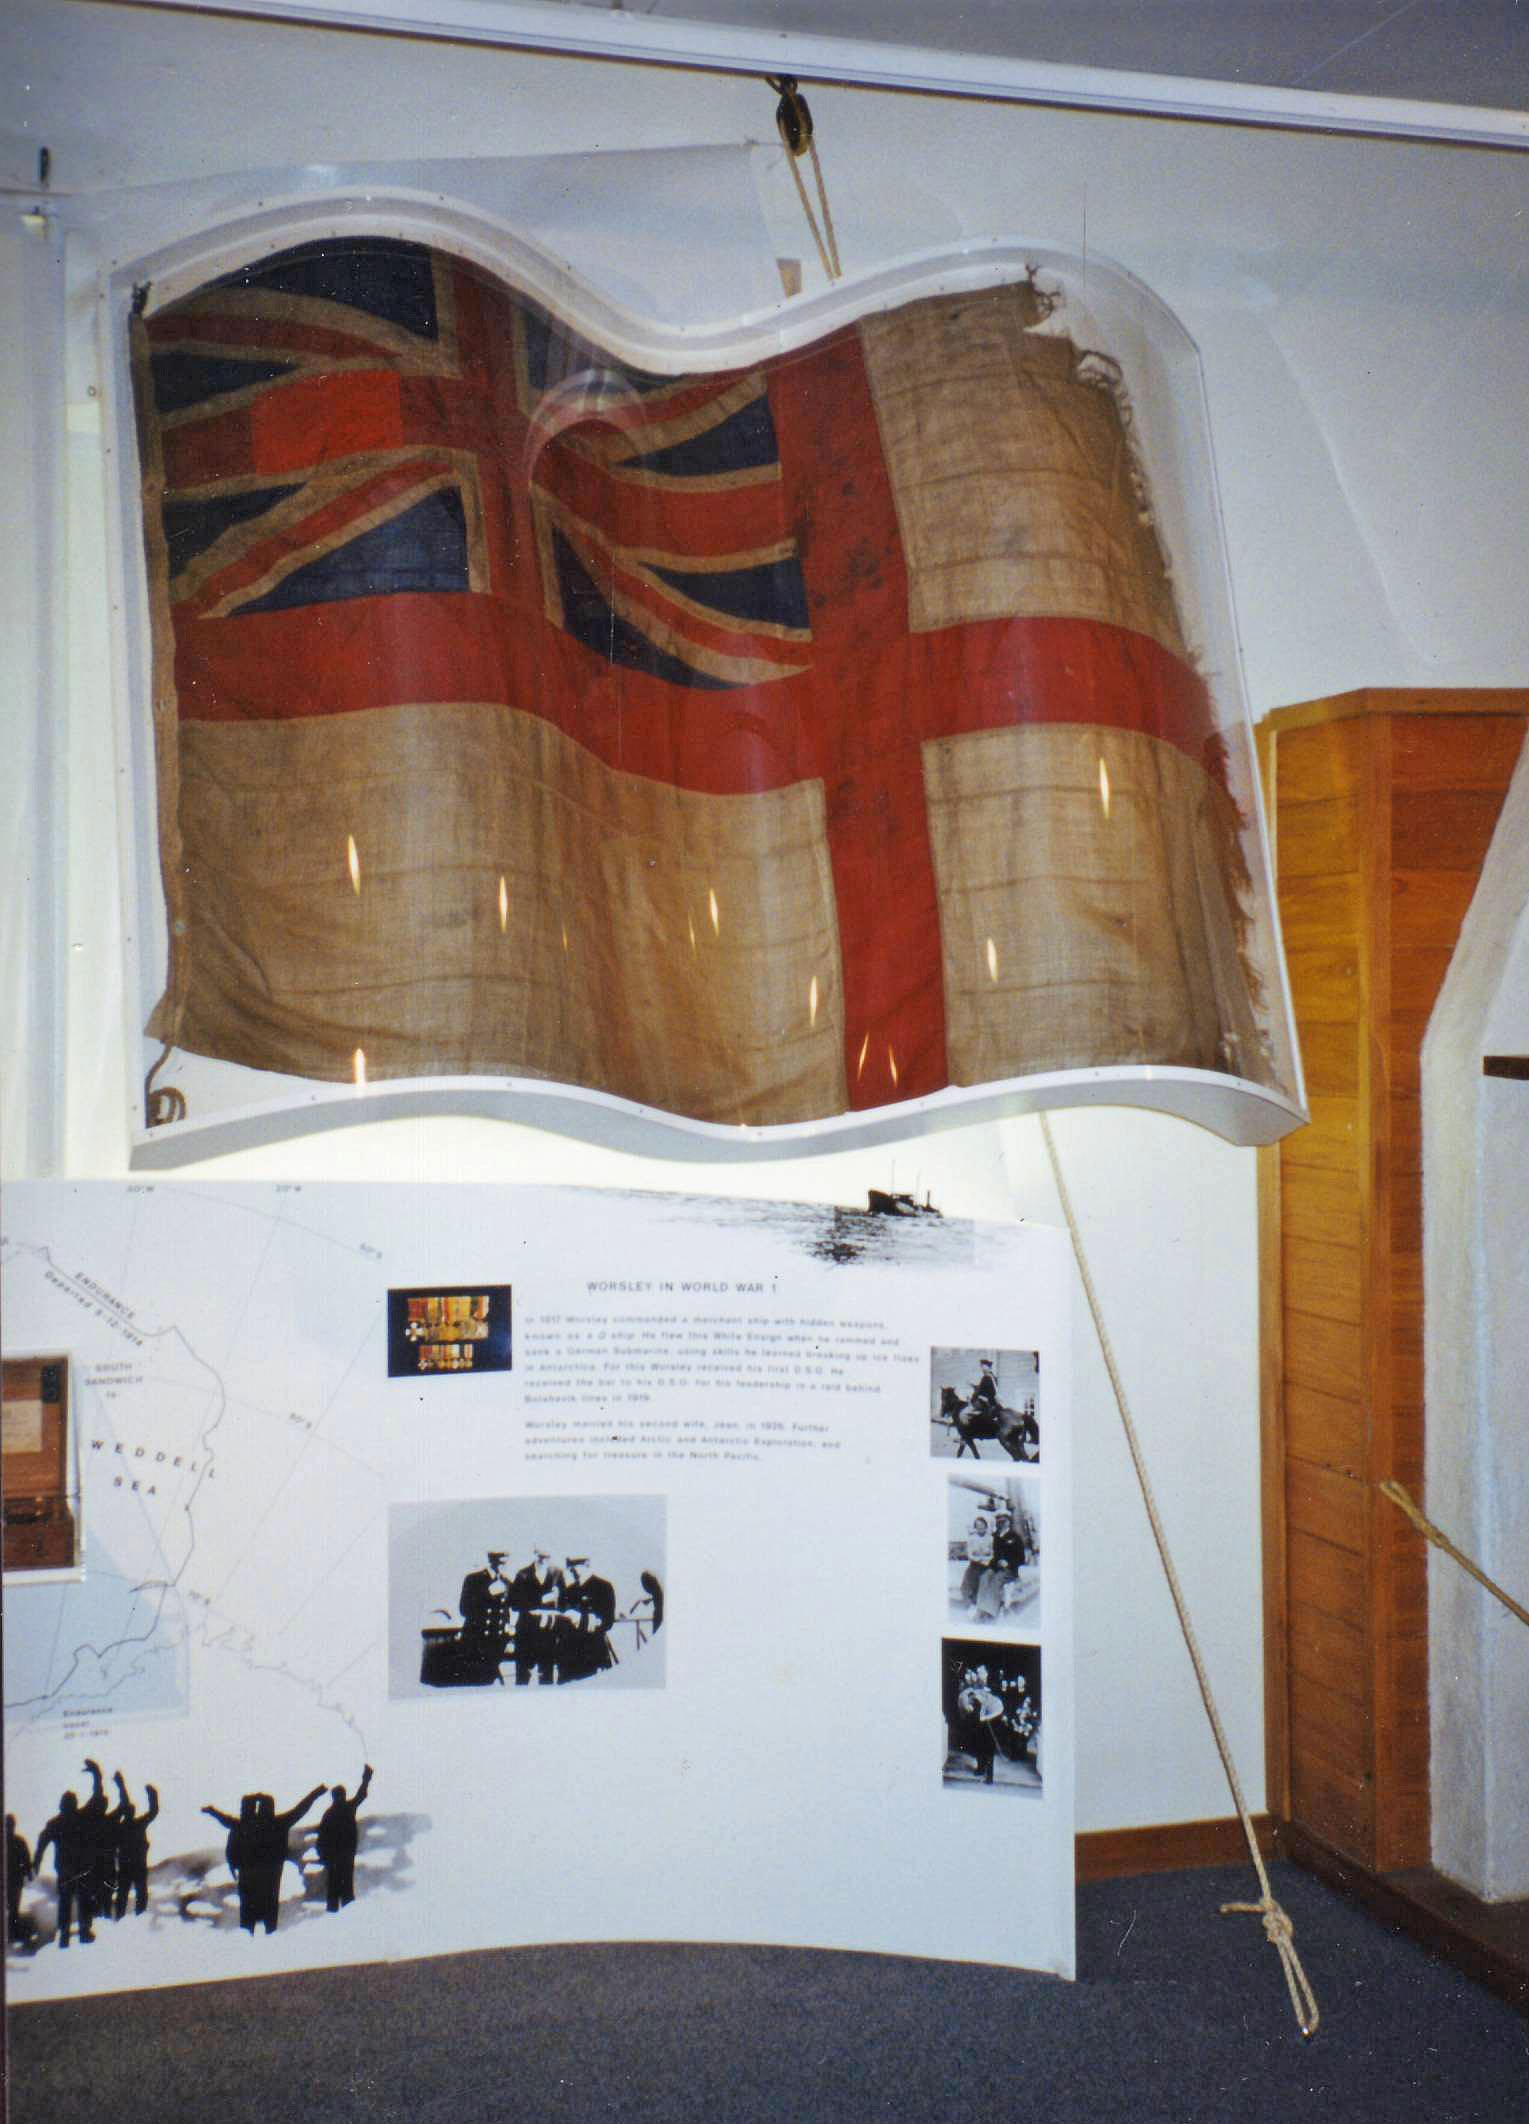 2_Worsley ensign.JPG